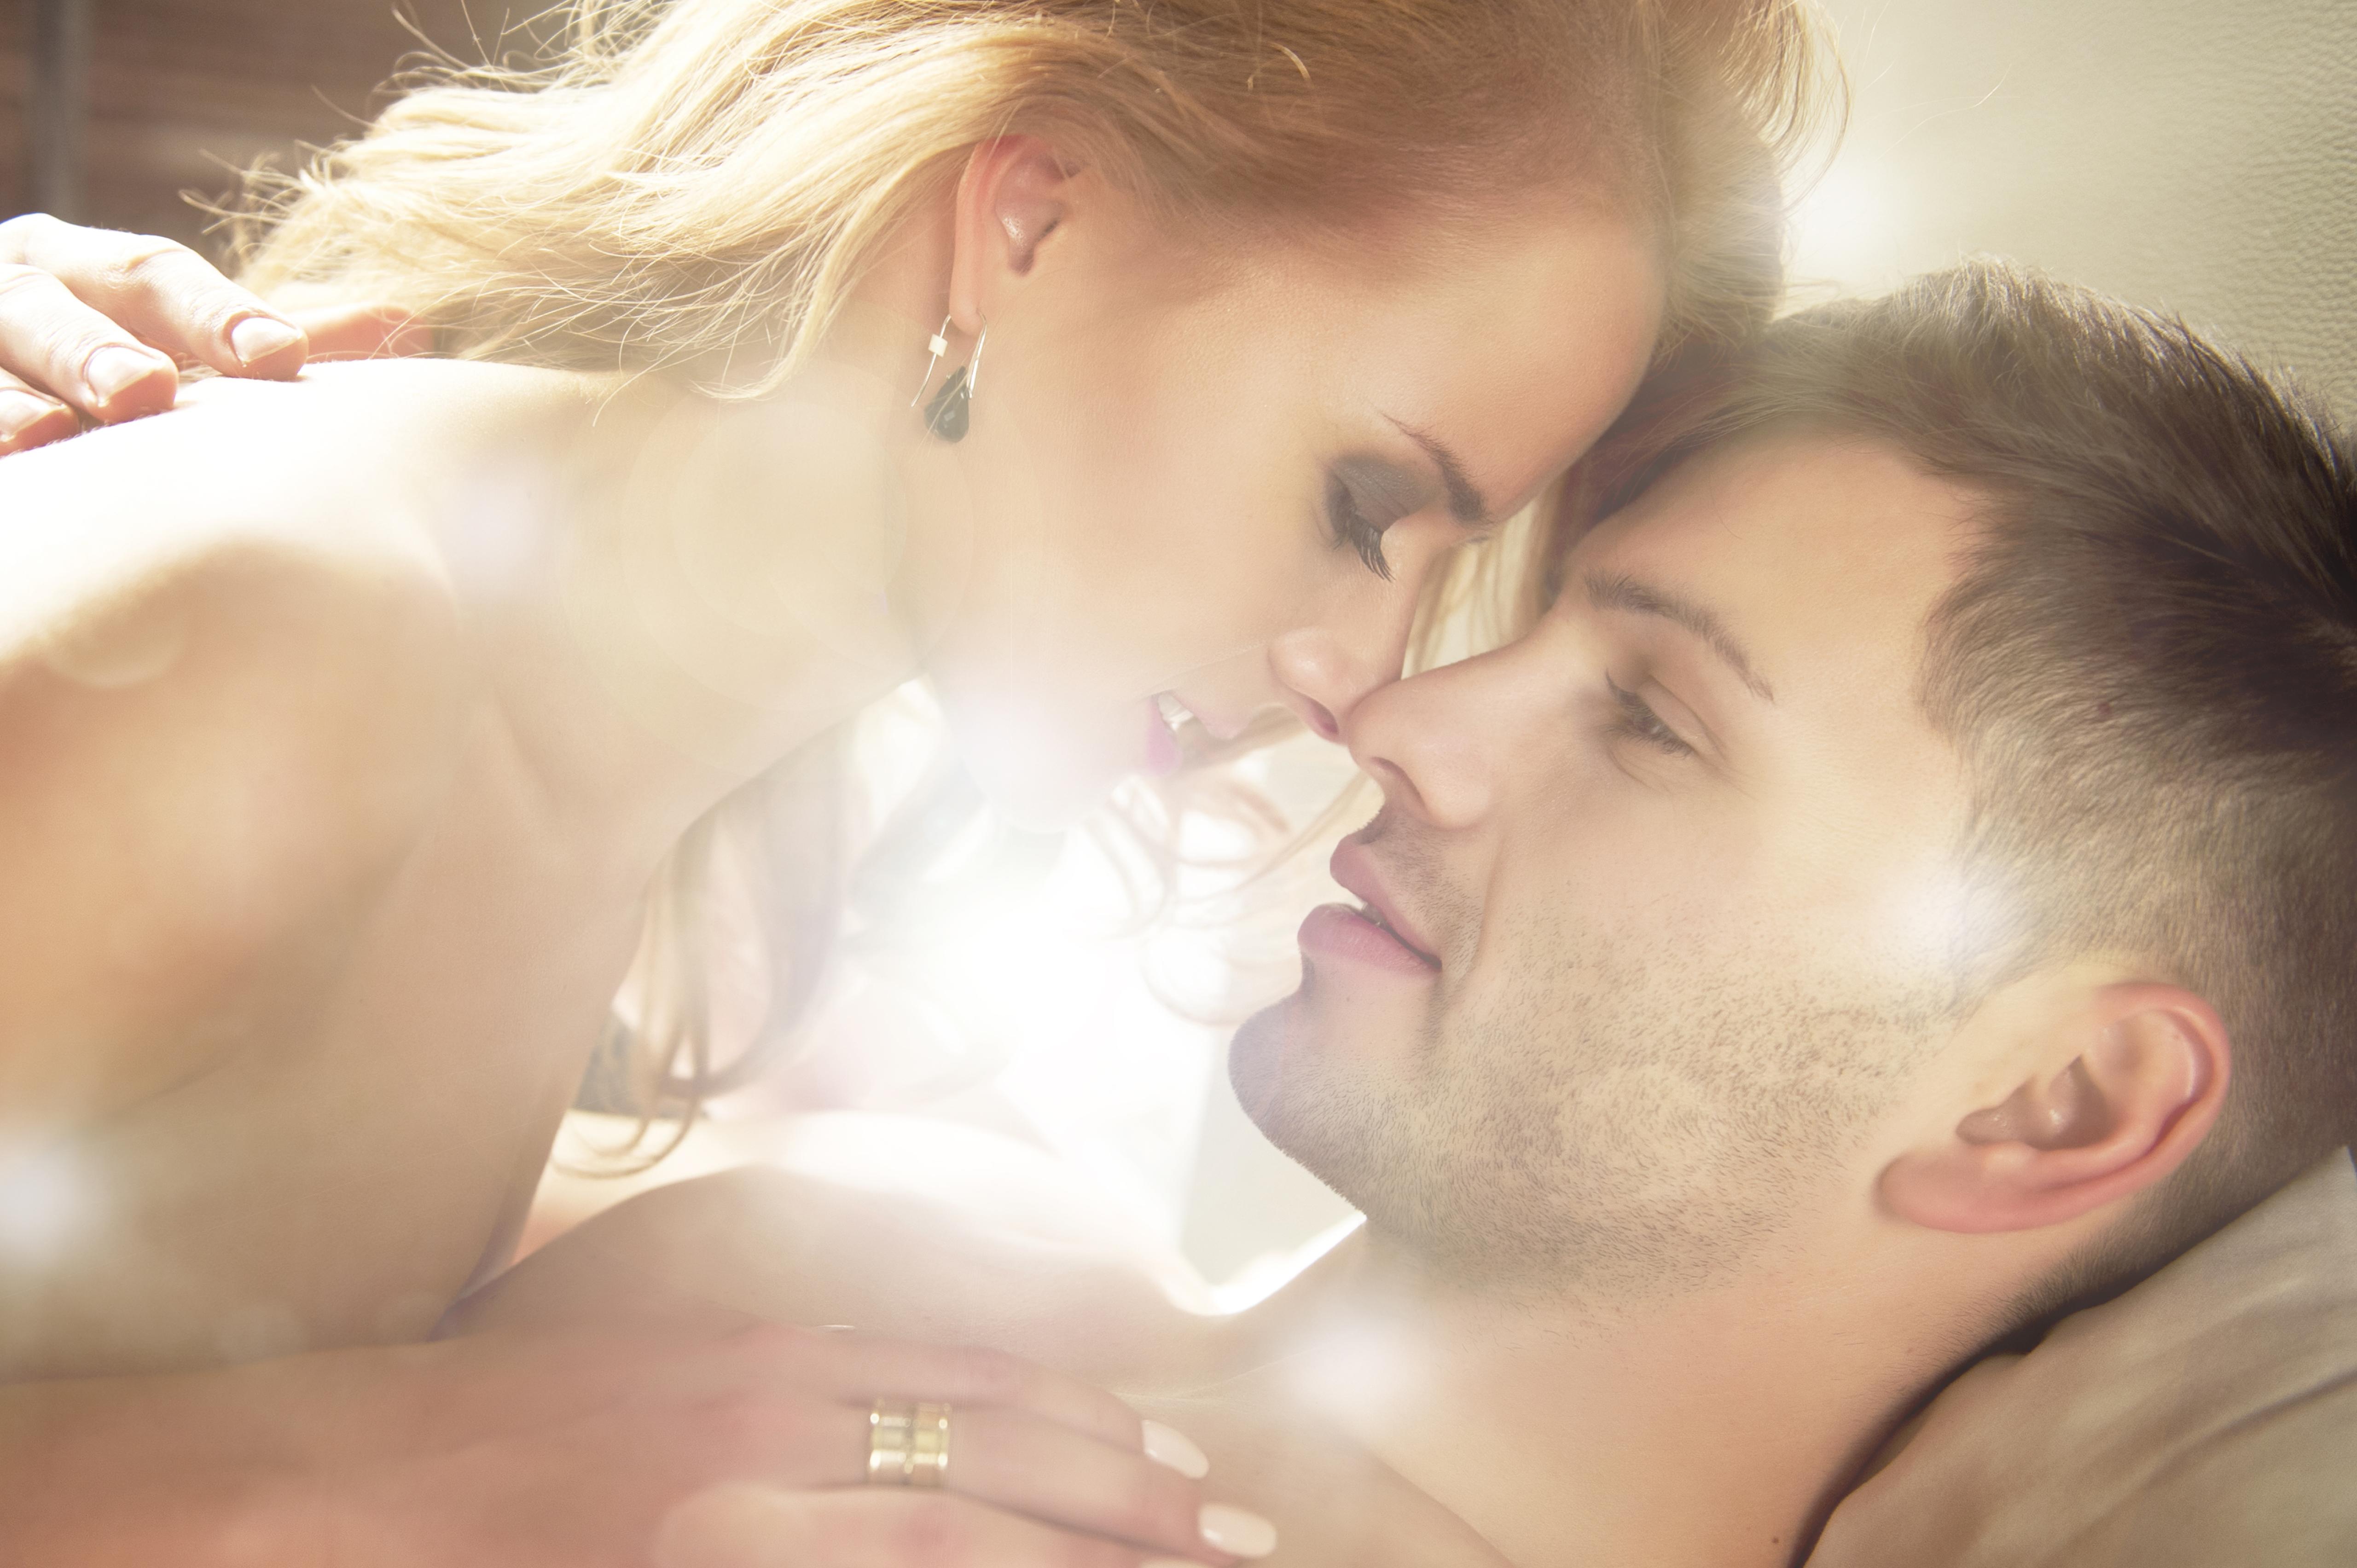 Сексуальные фразы мужу, Как соблазнять мужчину на расстоянии, какими словами 24 фотография